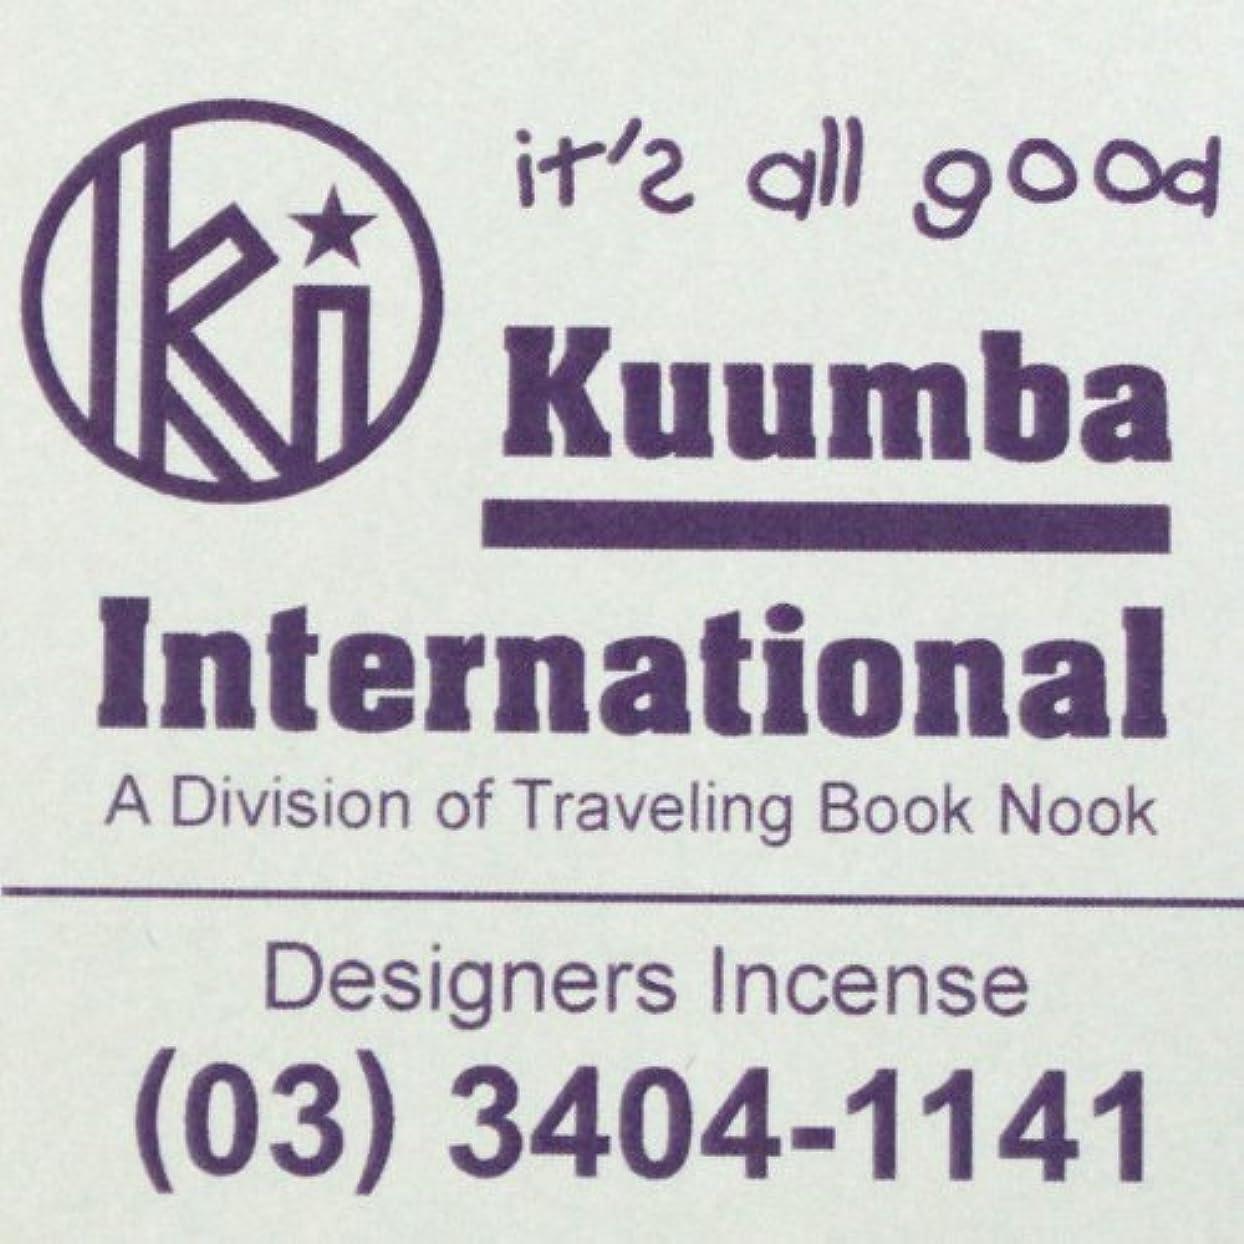 既婚ラリーベルモント収束KUUMBA (クンバ)『incense』(it's all good) (Regular size)